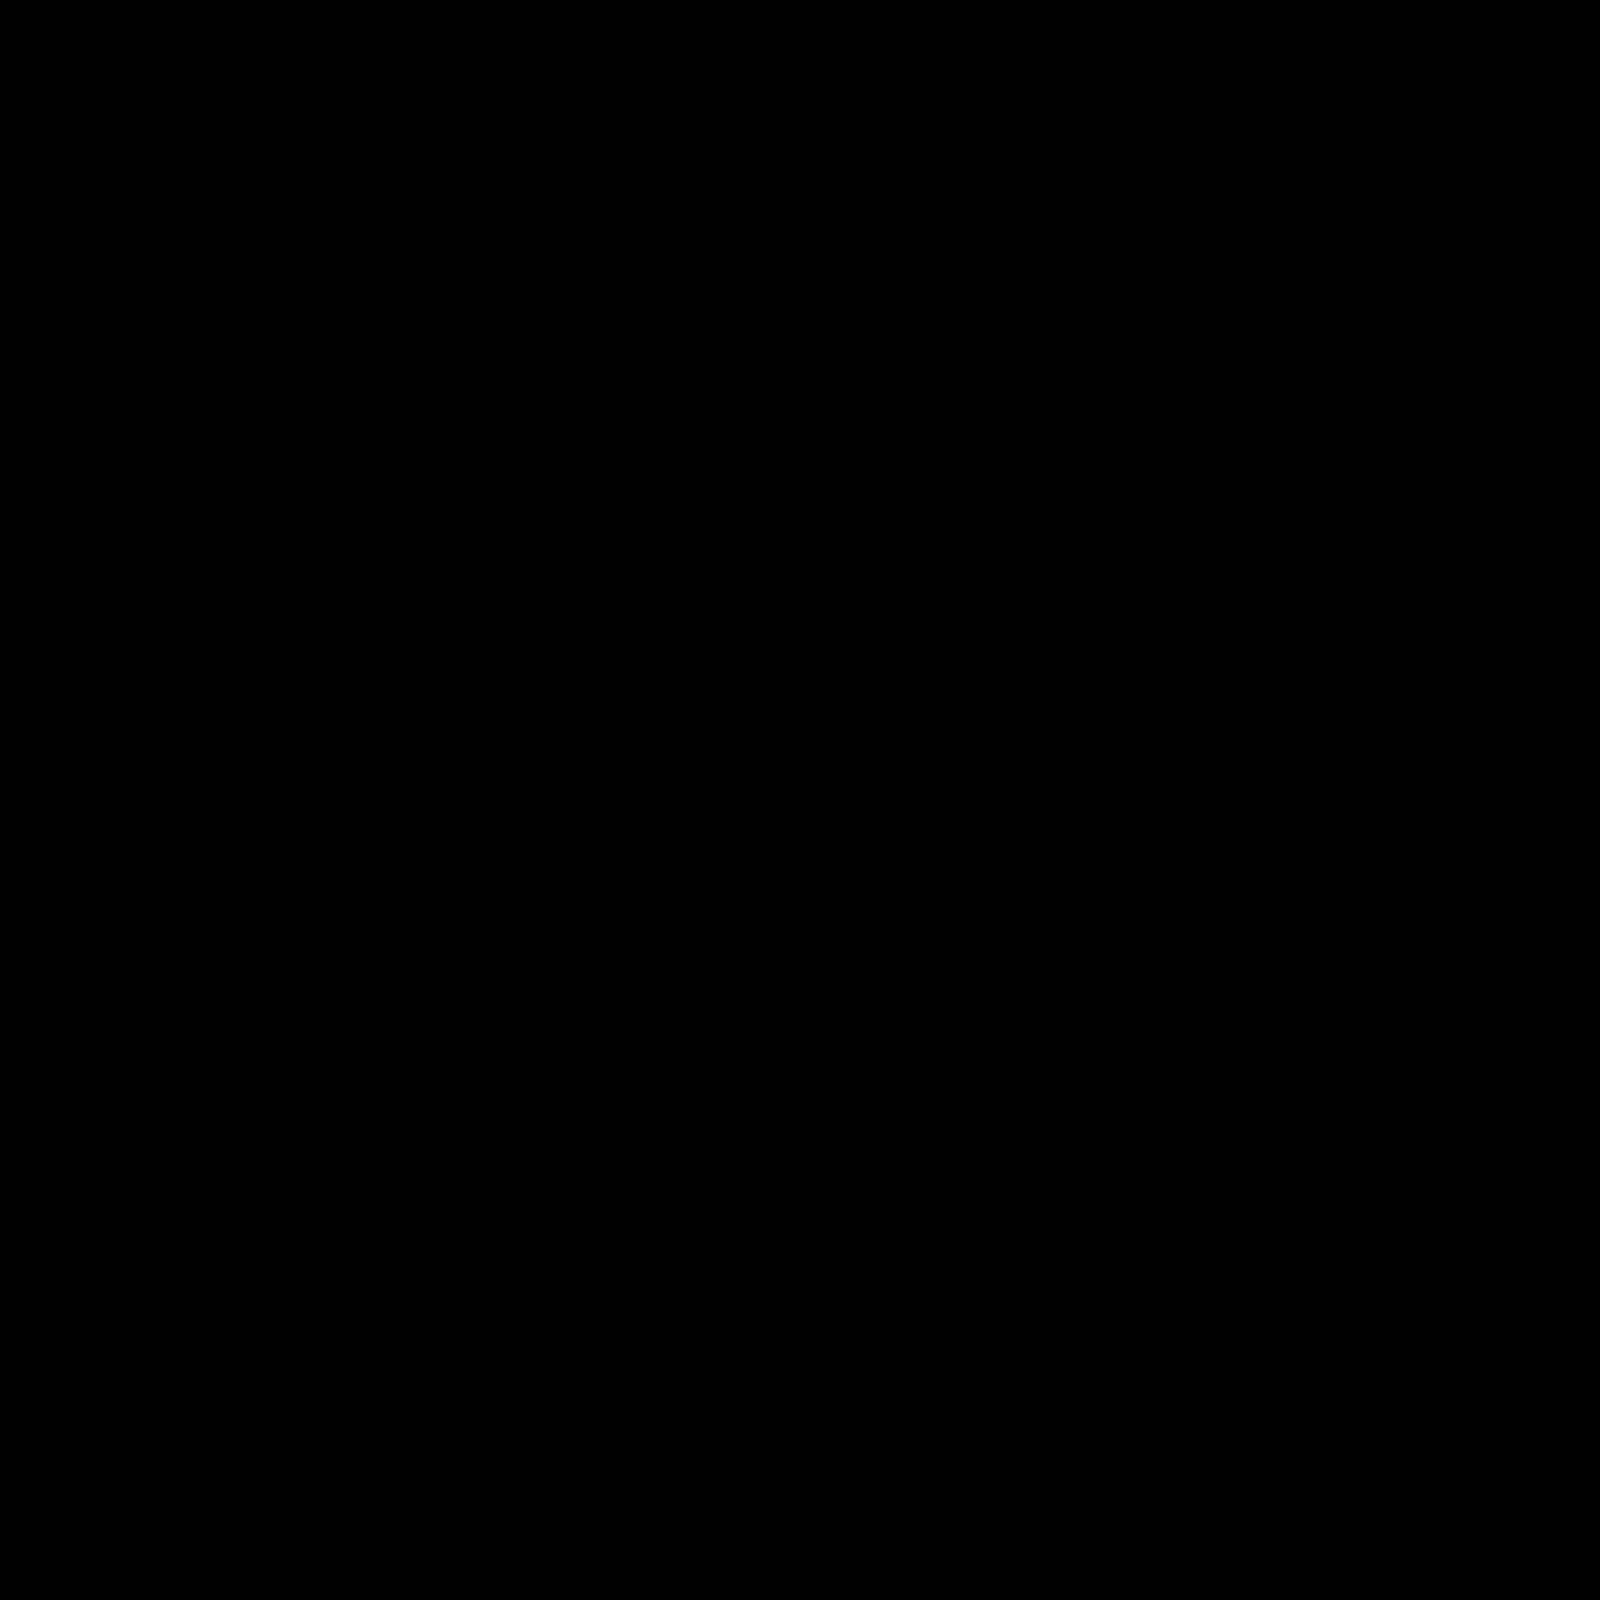 大不列颠 icon. It's a logo of the flag of the United Kingdom. It's a rectangle with a cross in the middle then another thinner cross outlining that with lines going diagonally out of it to the edges too.